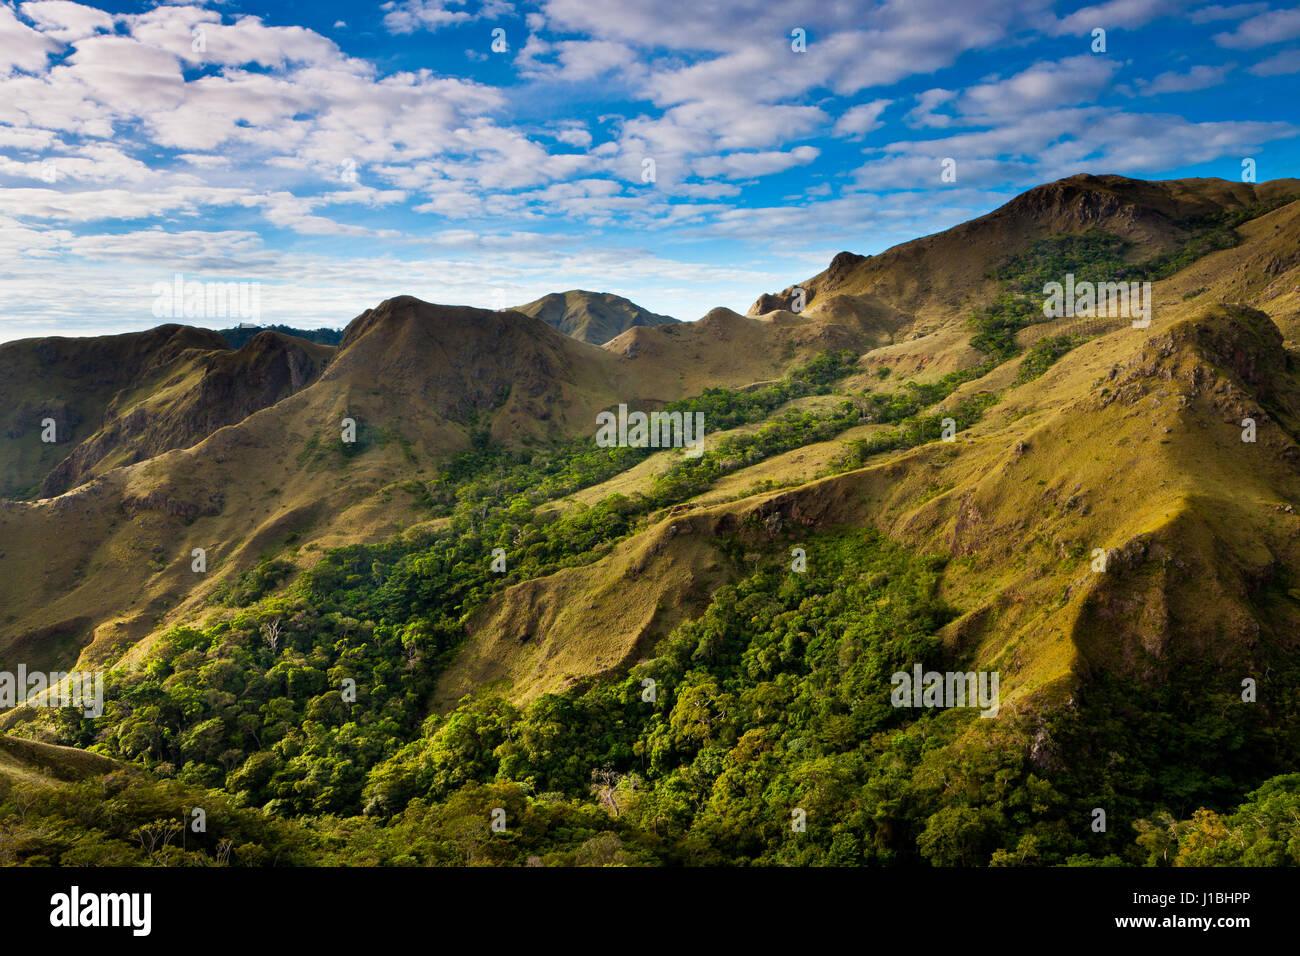 Paesaggio in Altos de Campana National Park, Repubblica di Panama. Immagini Stock